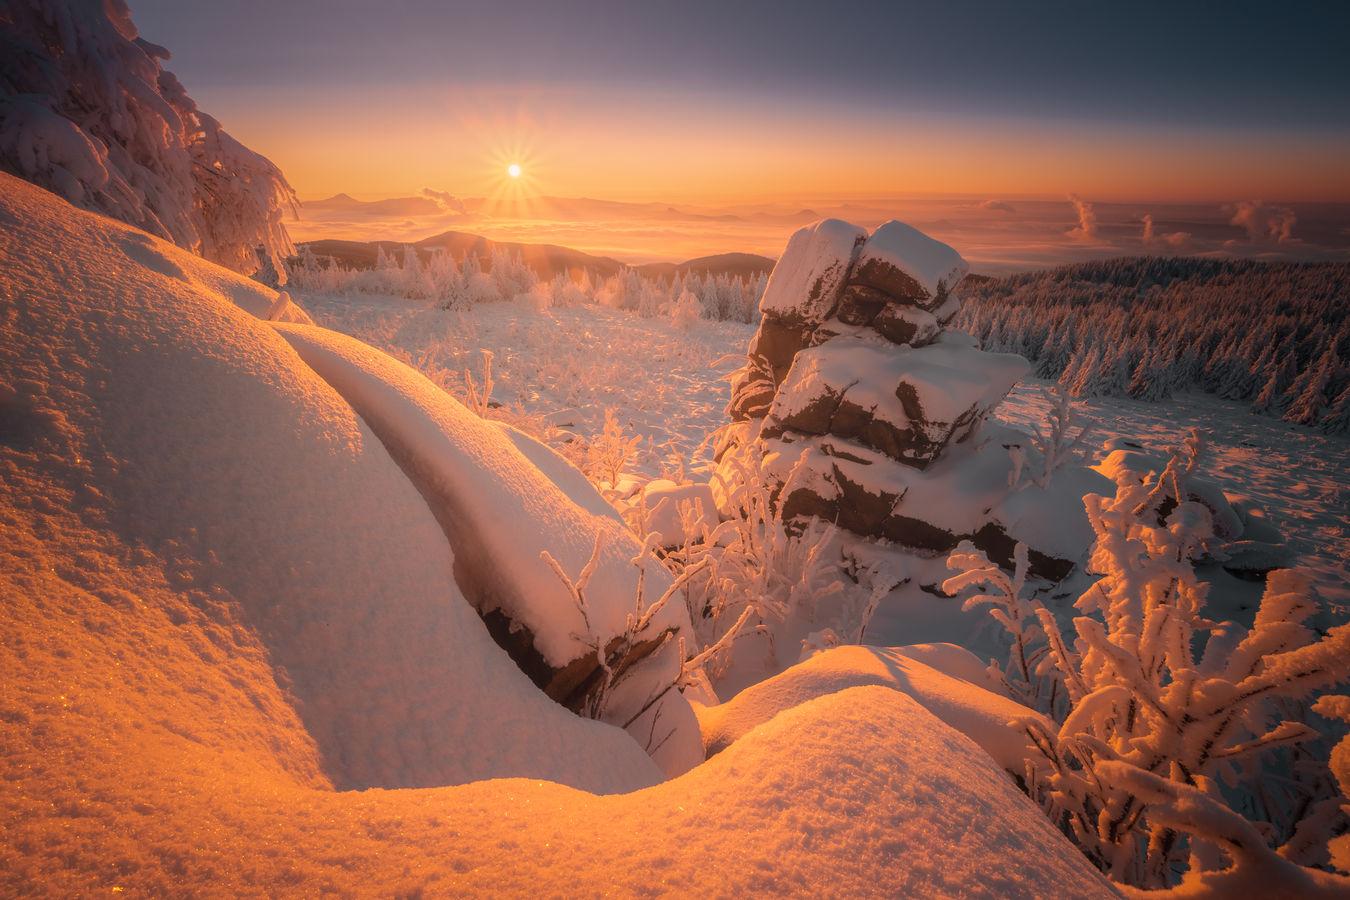 Mrazivý východ slunce v Krušných horách